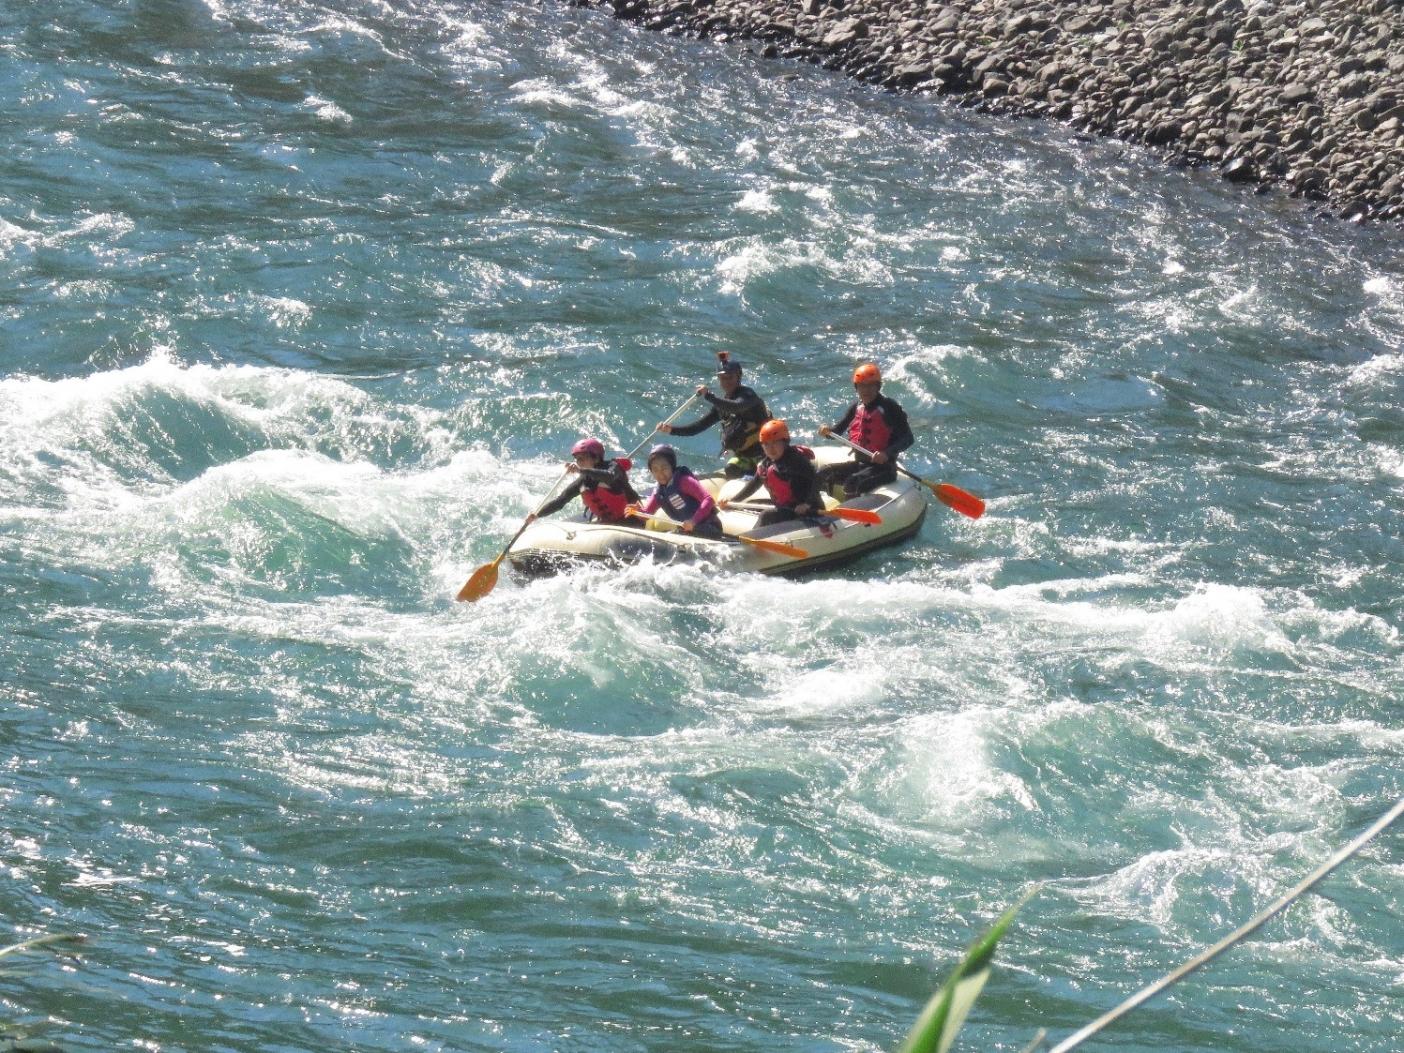 かつての流れが戻ってきた球磨川中流域では、ボートで川を下るラフティング・ツアーがはじまった